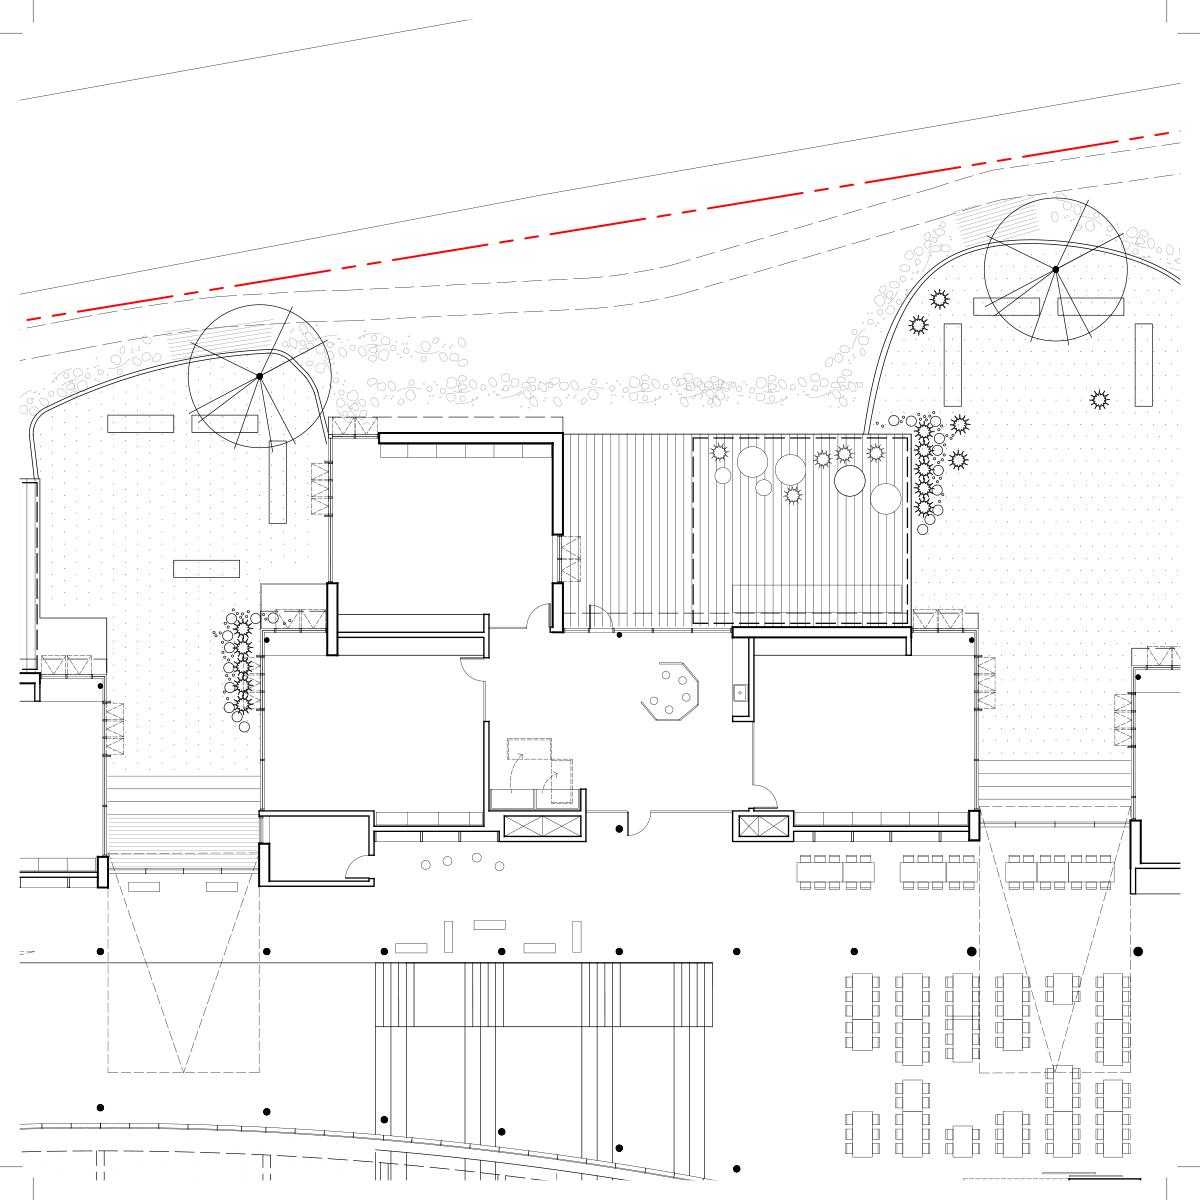 Plan d'une salle de classe par Lapointe Magne et associés et L'OEUF, pour le concours du Lab-École à Rimouski, présenté dans le cadre de l'exposition «Devoirs d'architecture».